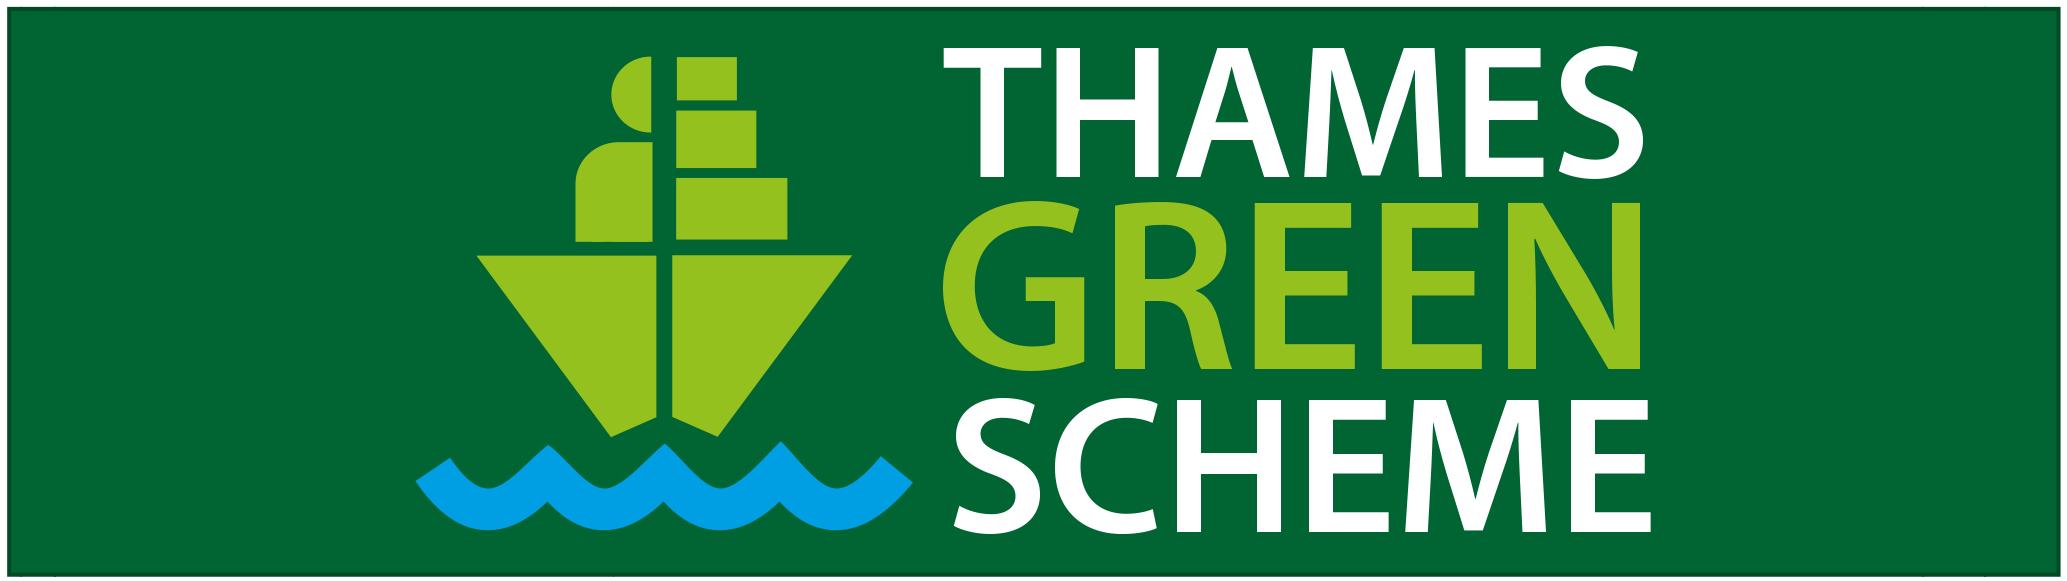 Thames Green Scheme